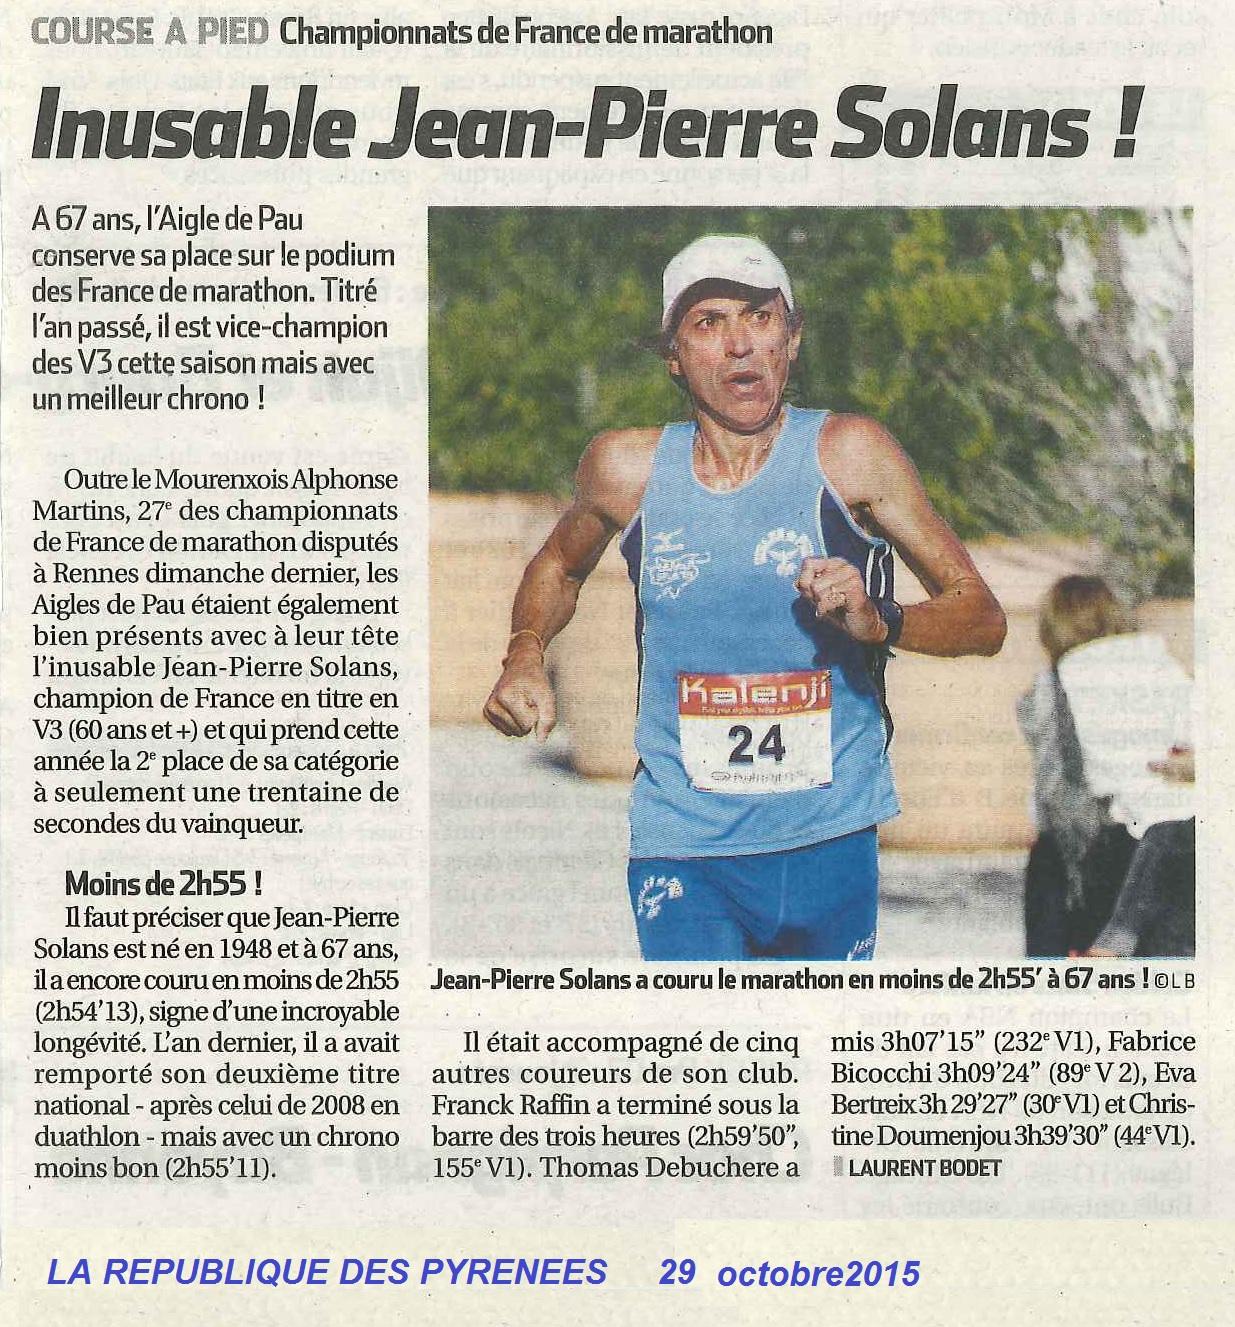 Inusable Jean-Pierre SOLANS